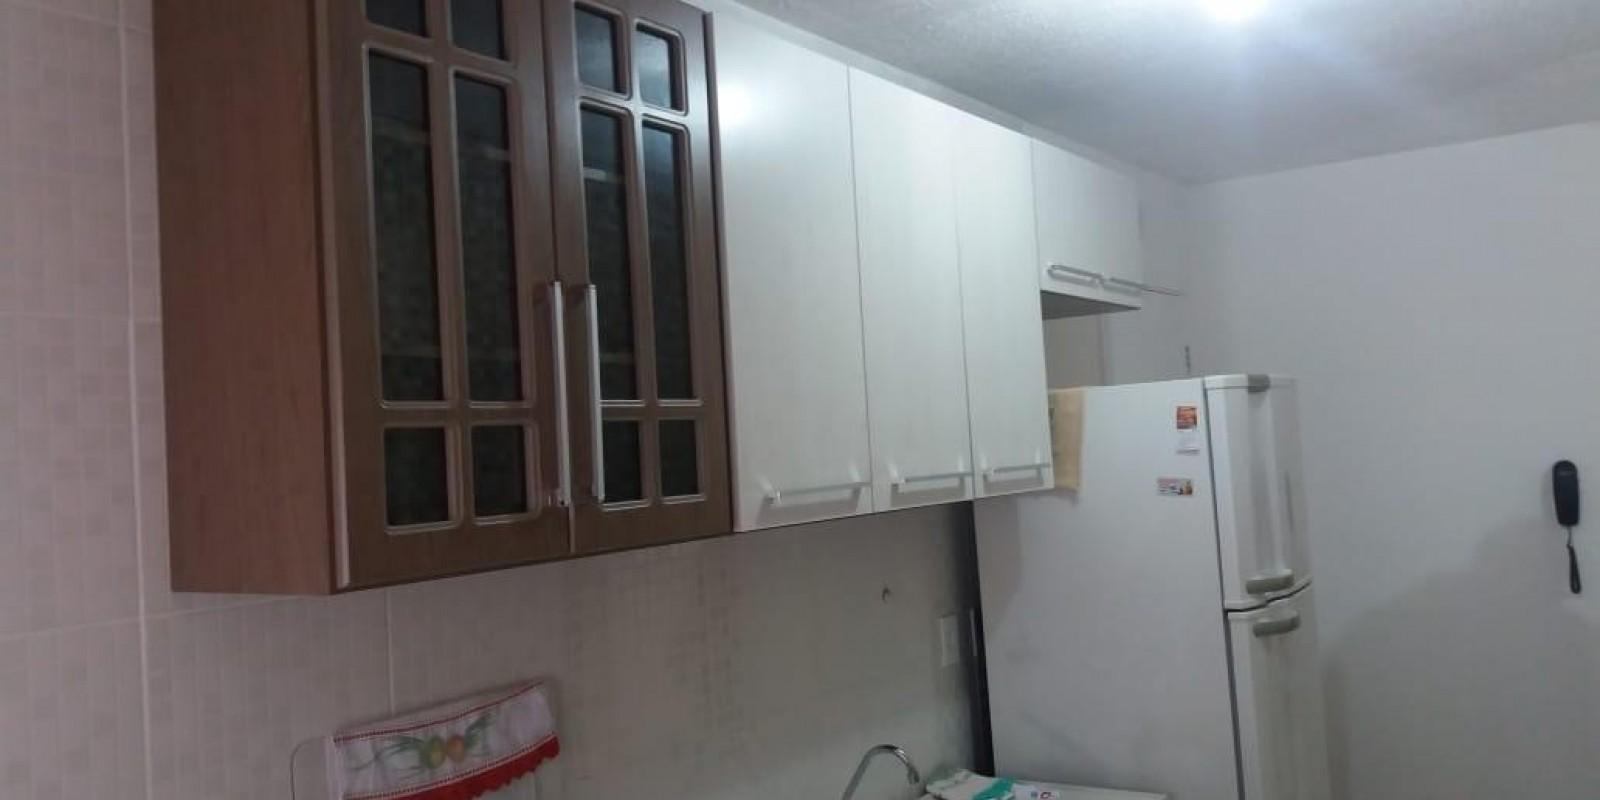 Apartamento Itanhaem - Foto 10 de 17